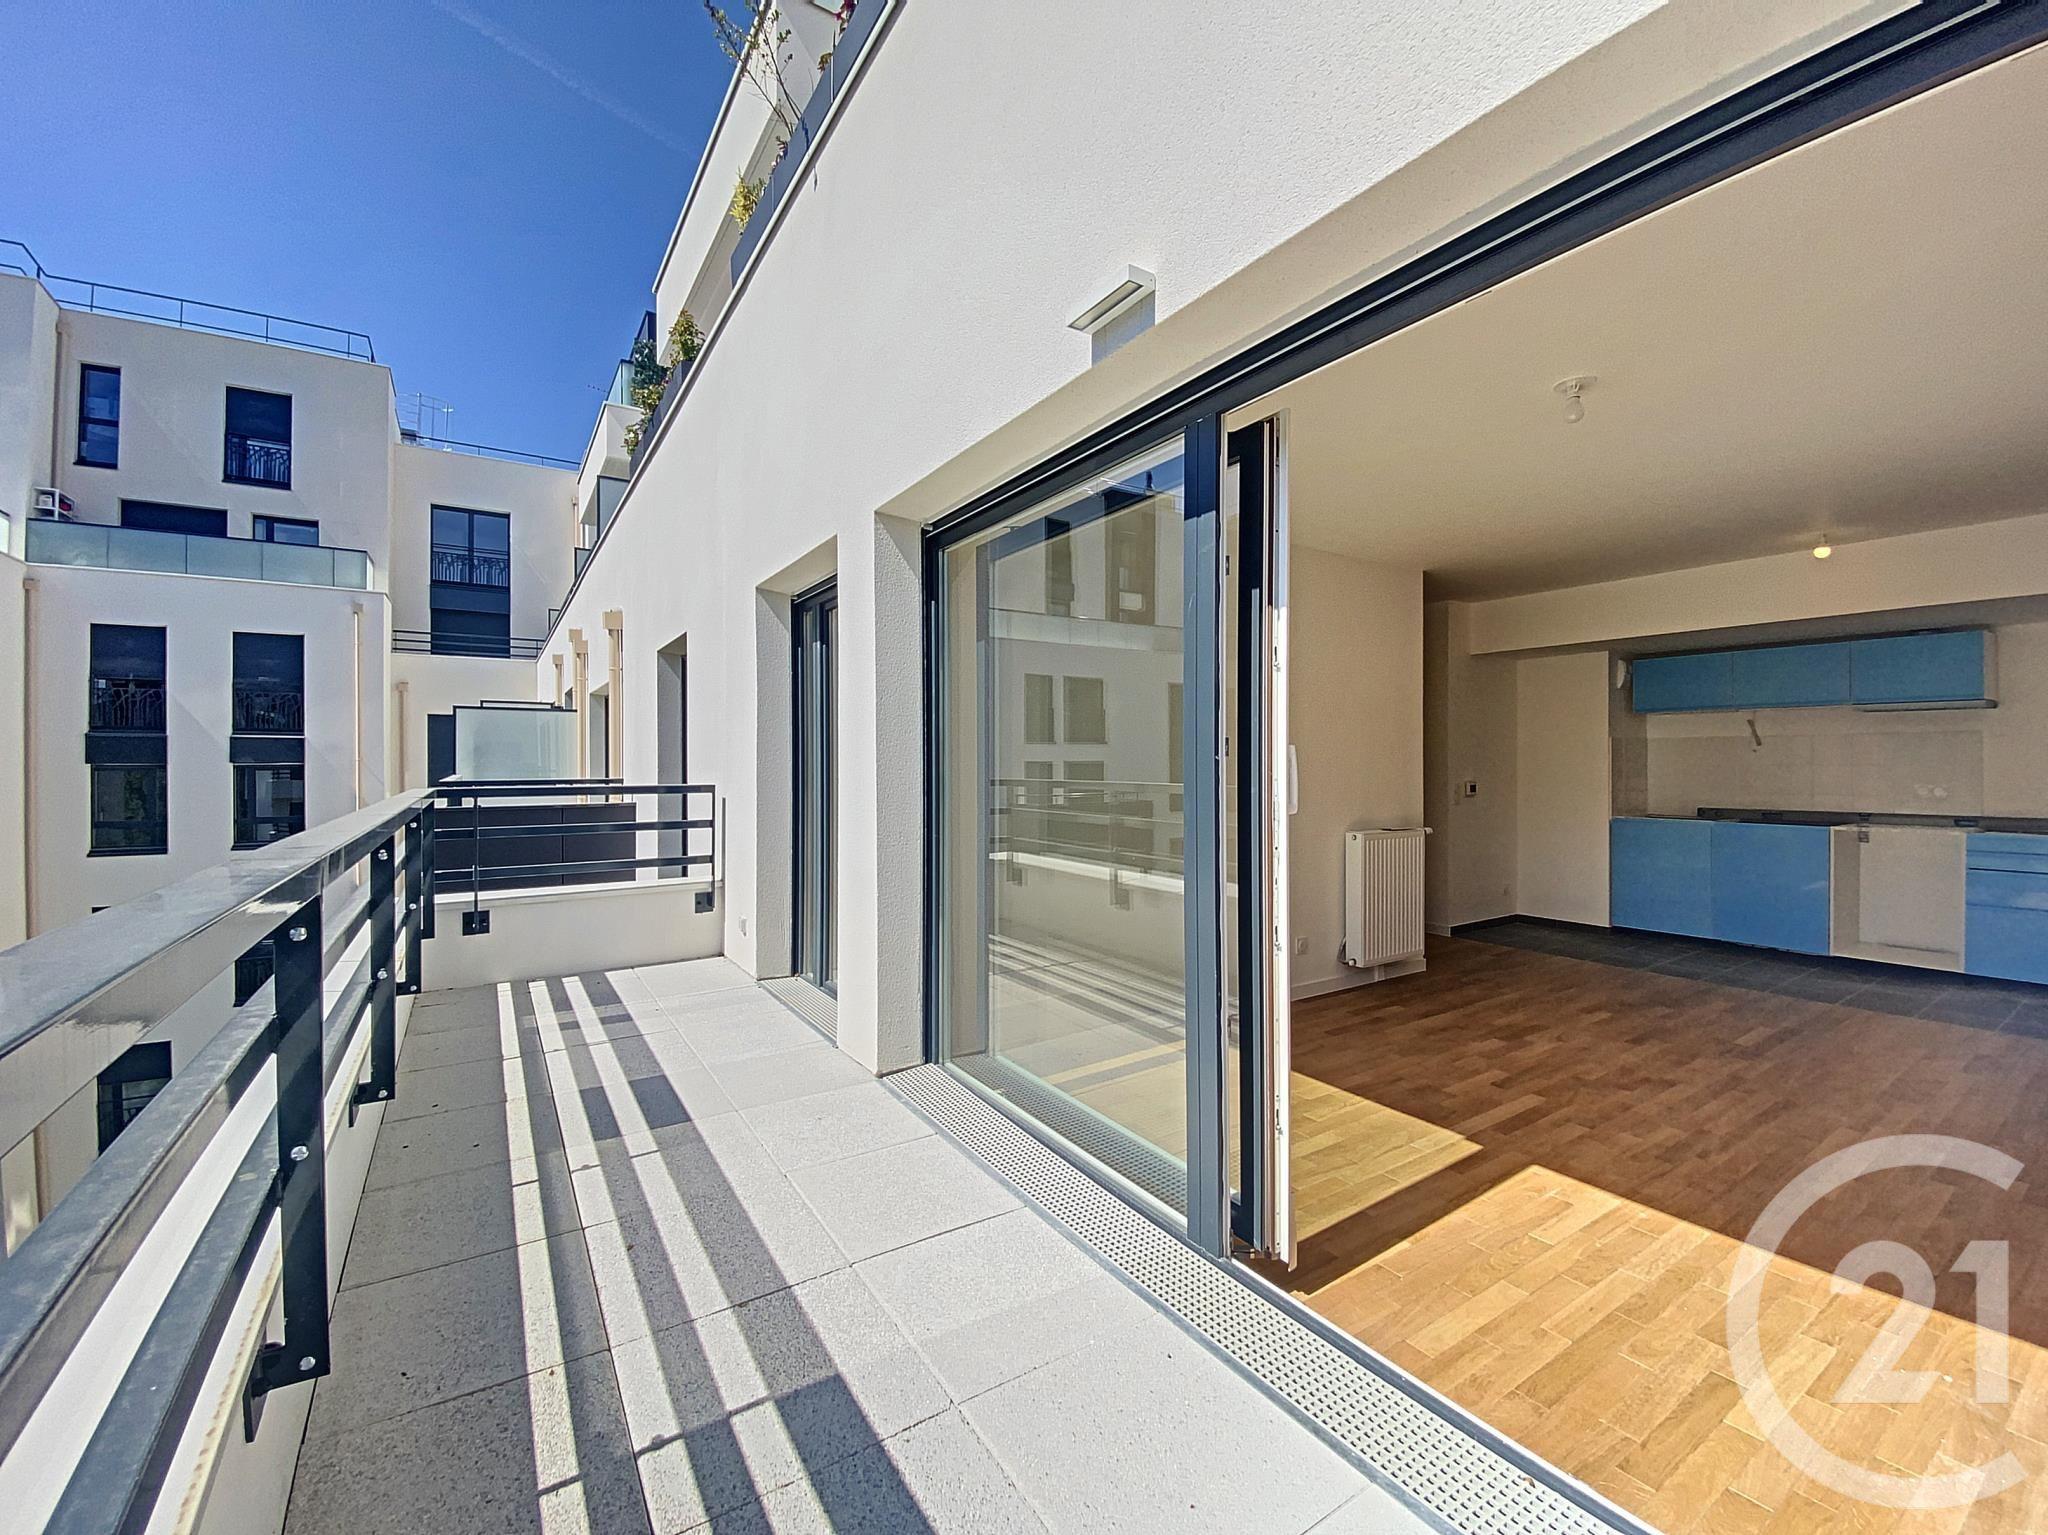 Appartement a louer colombes - 3 pièce(s) - 58.37 m2 - Surfyn